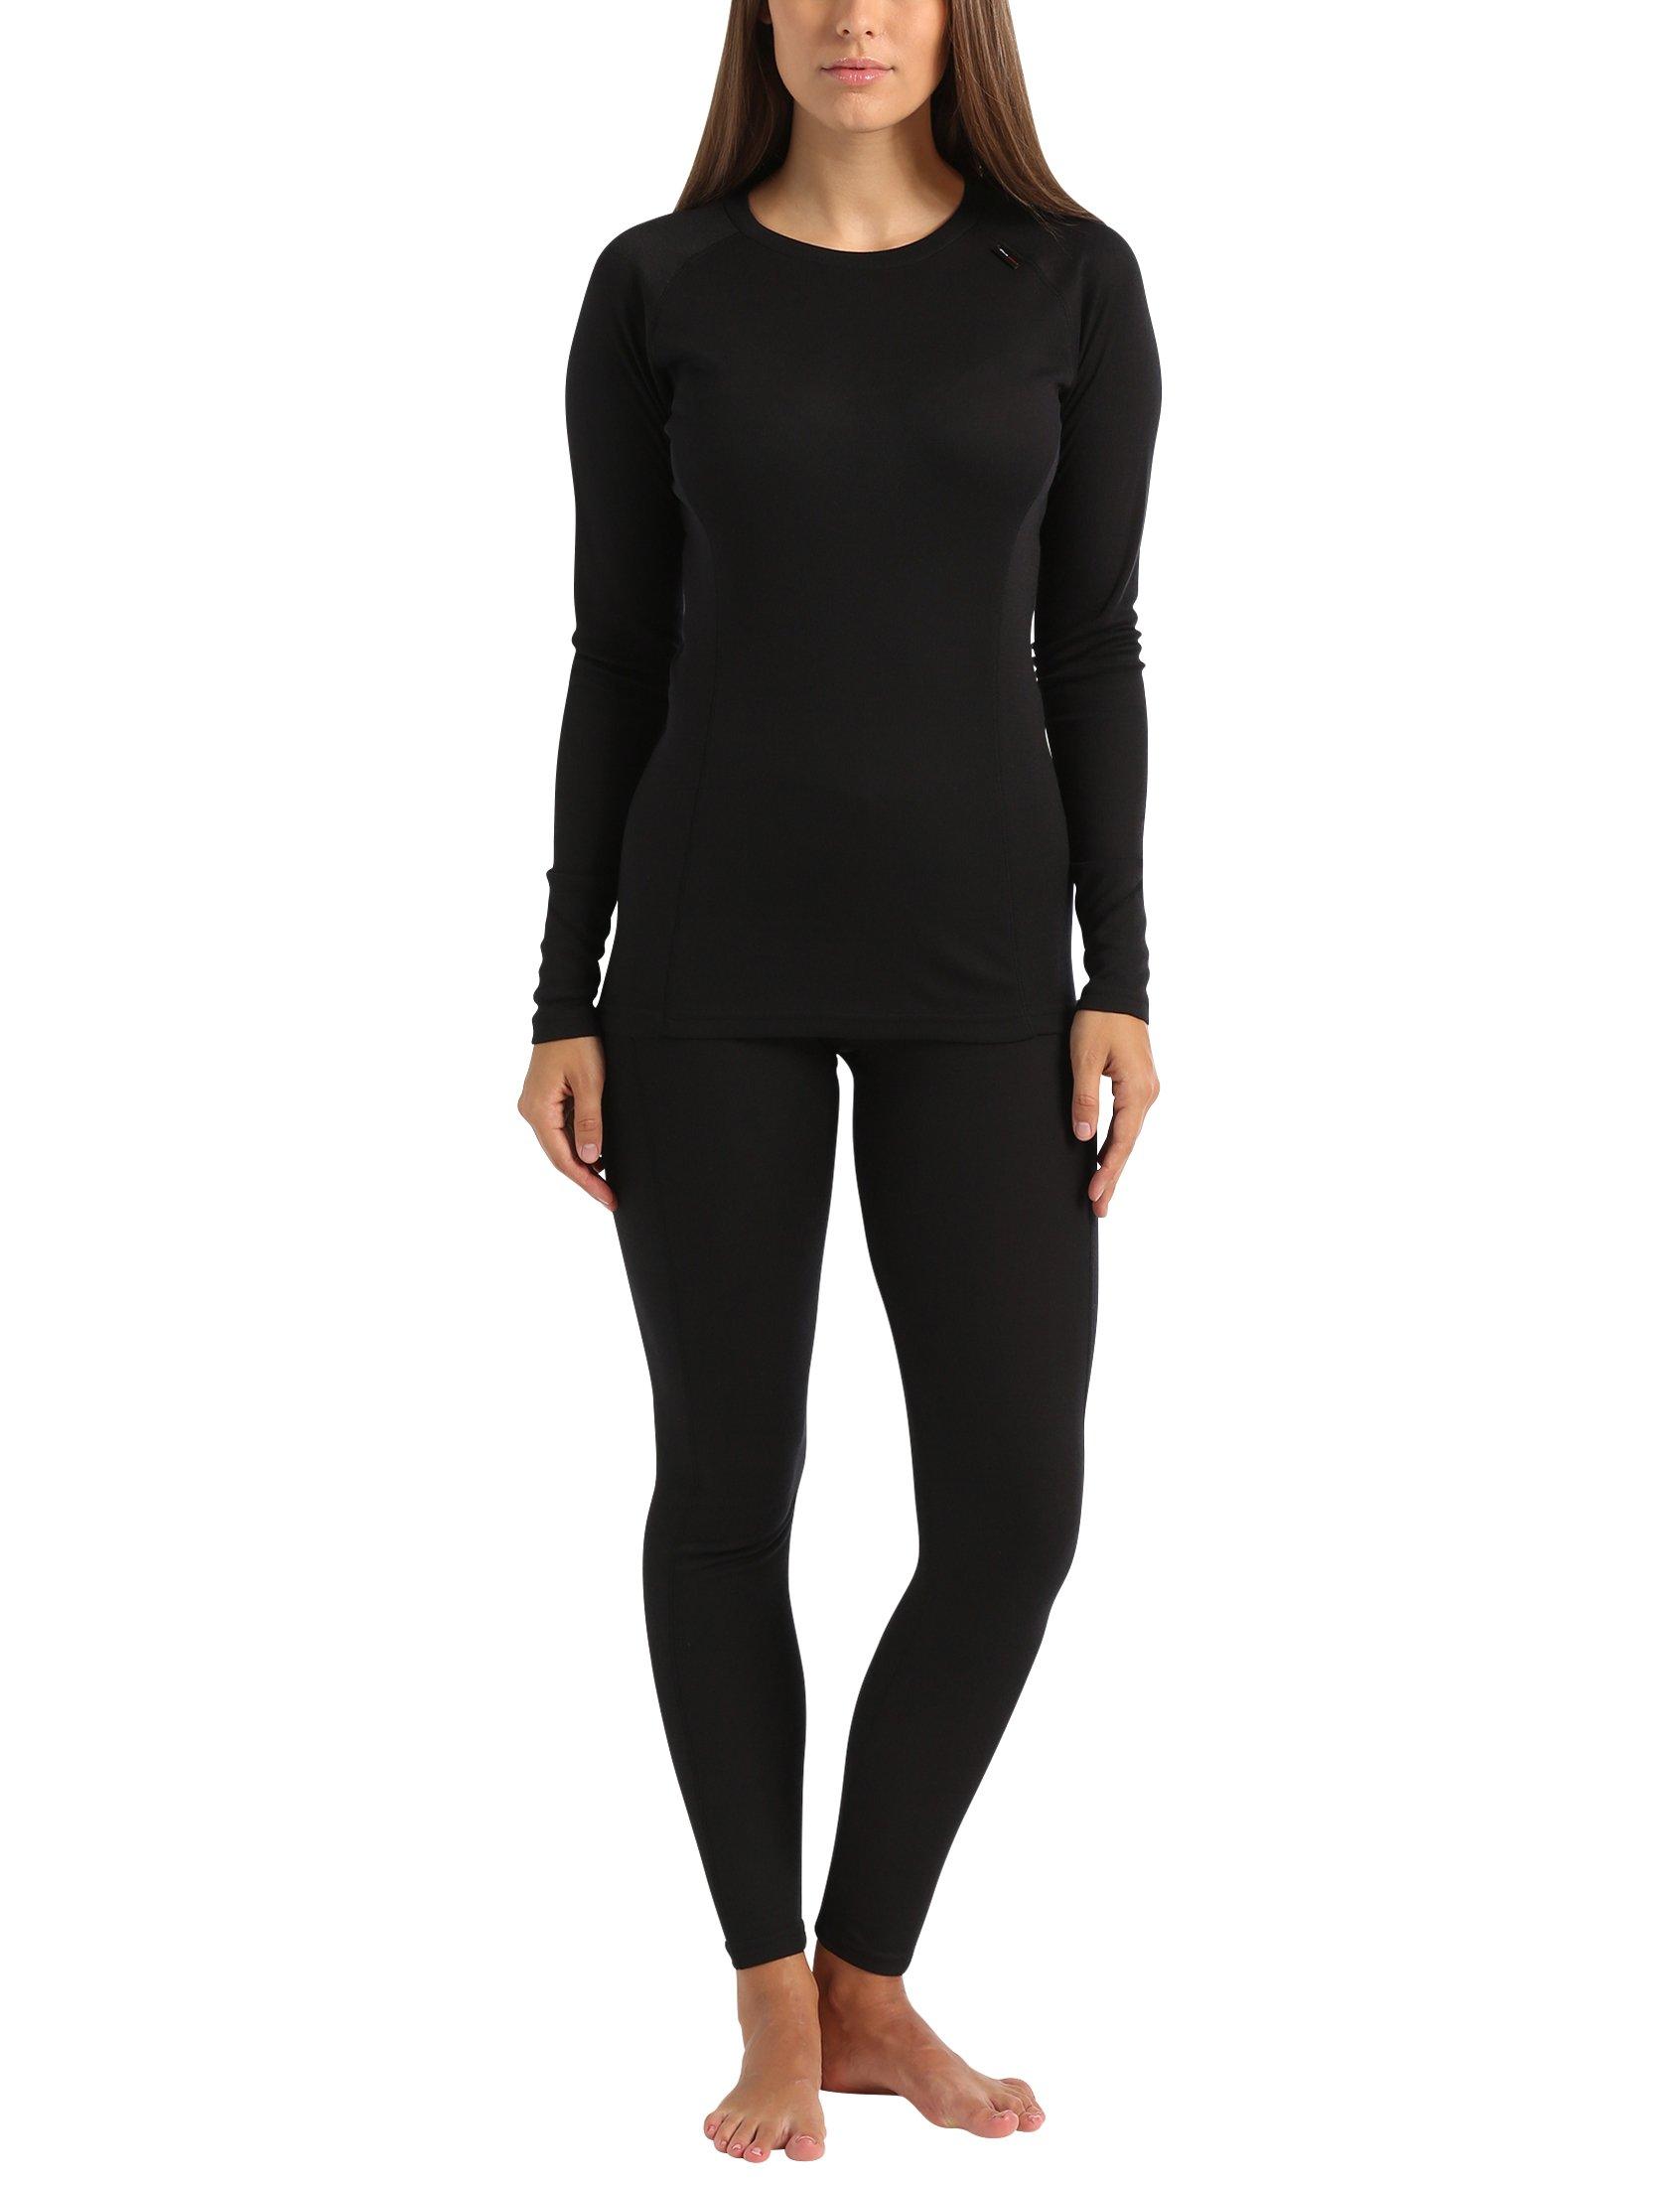 Ultrasport Ensemble de sous-Vêtements Thermiques pour Femme - t-Shirt et  Collant Fonctionnels 6f5748caef3